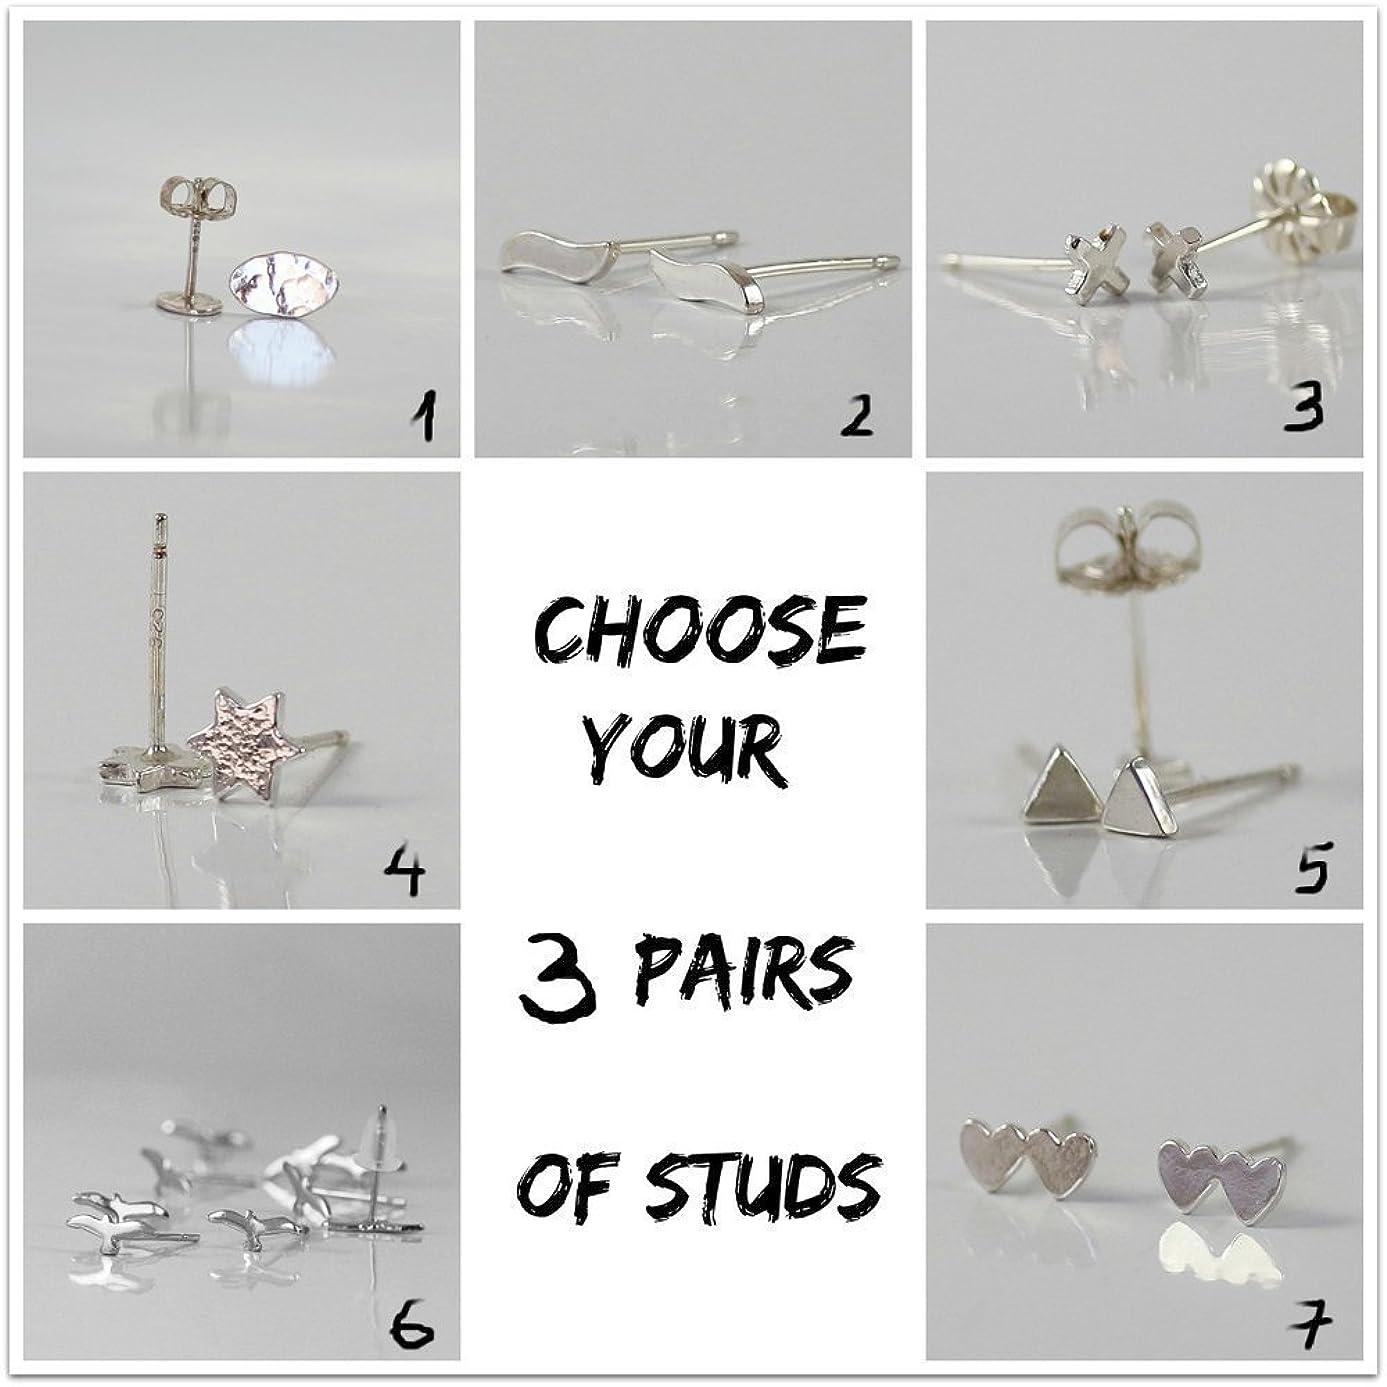 Handmade Designer Silver Stud Earrings, Set of 3 Pairs studs earrings , Sterling silver, tiny studs, Customized the 3 shape